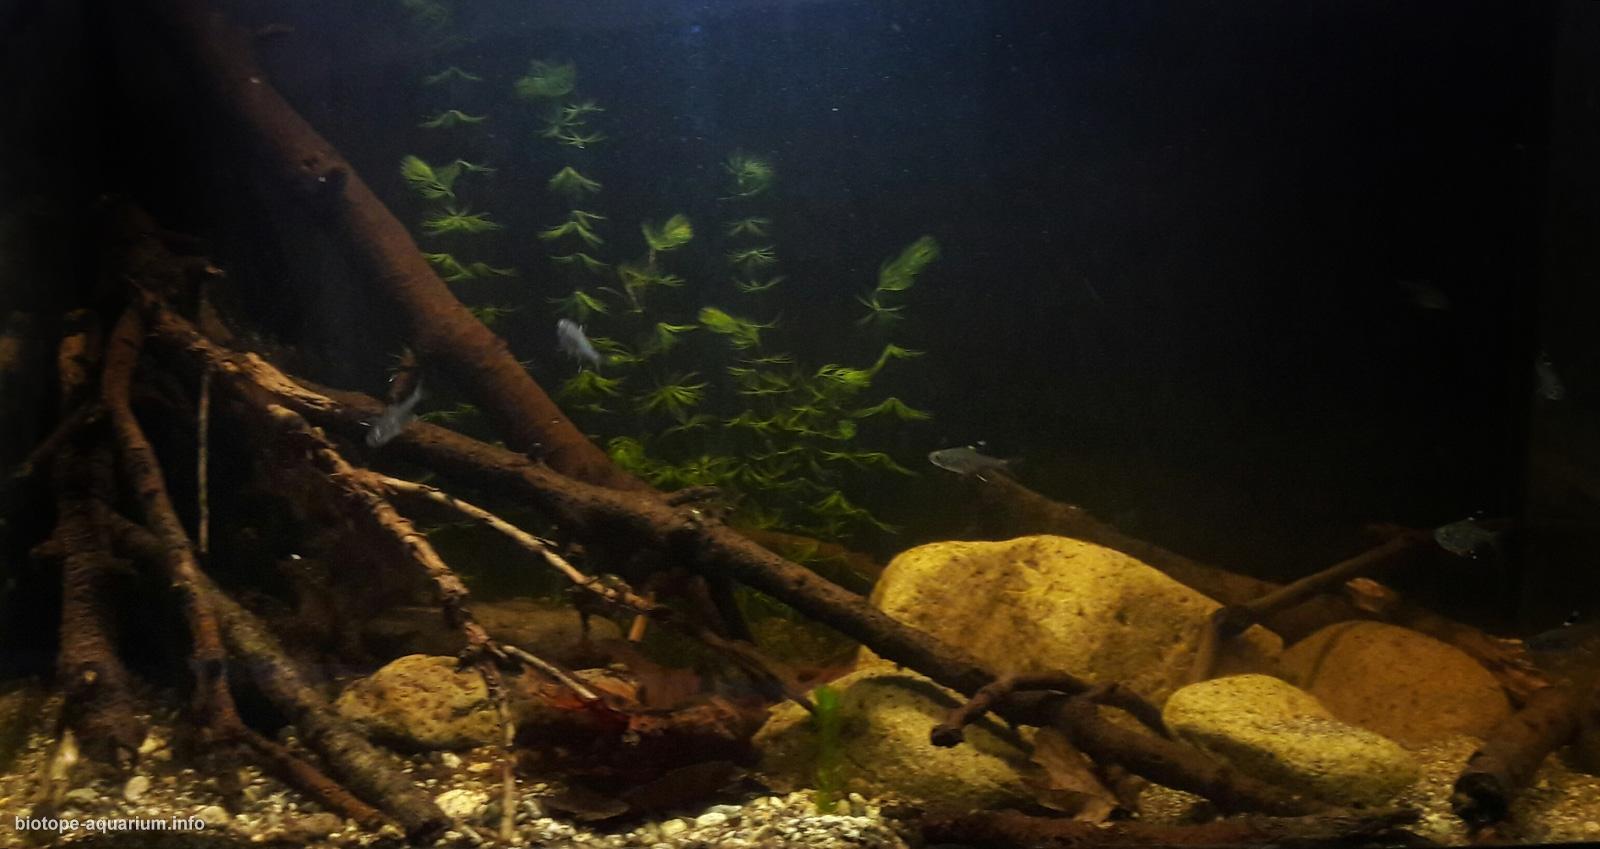 South America Amazon River Basin Orinoco River 40 L Biotope